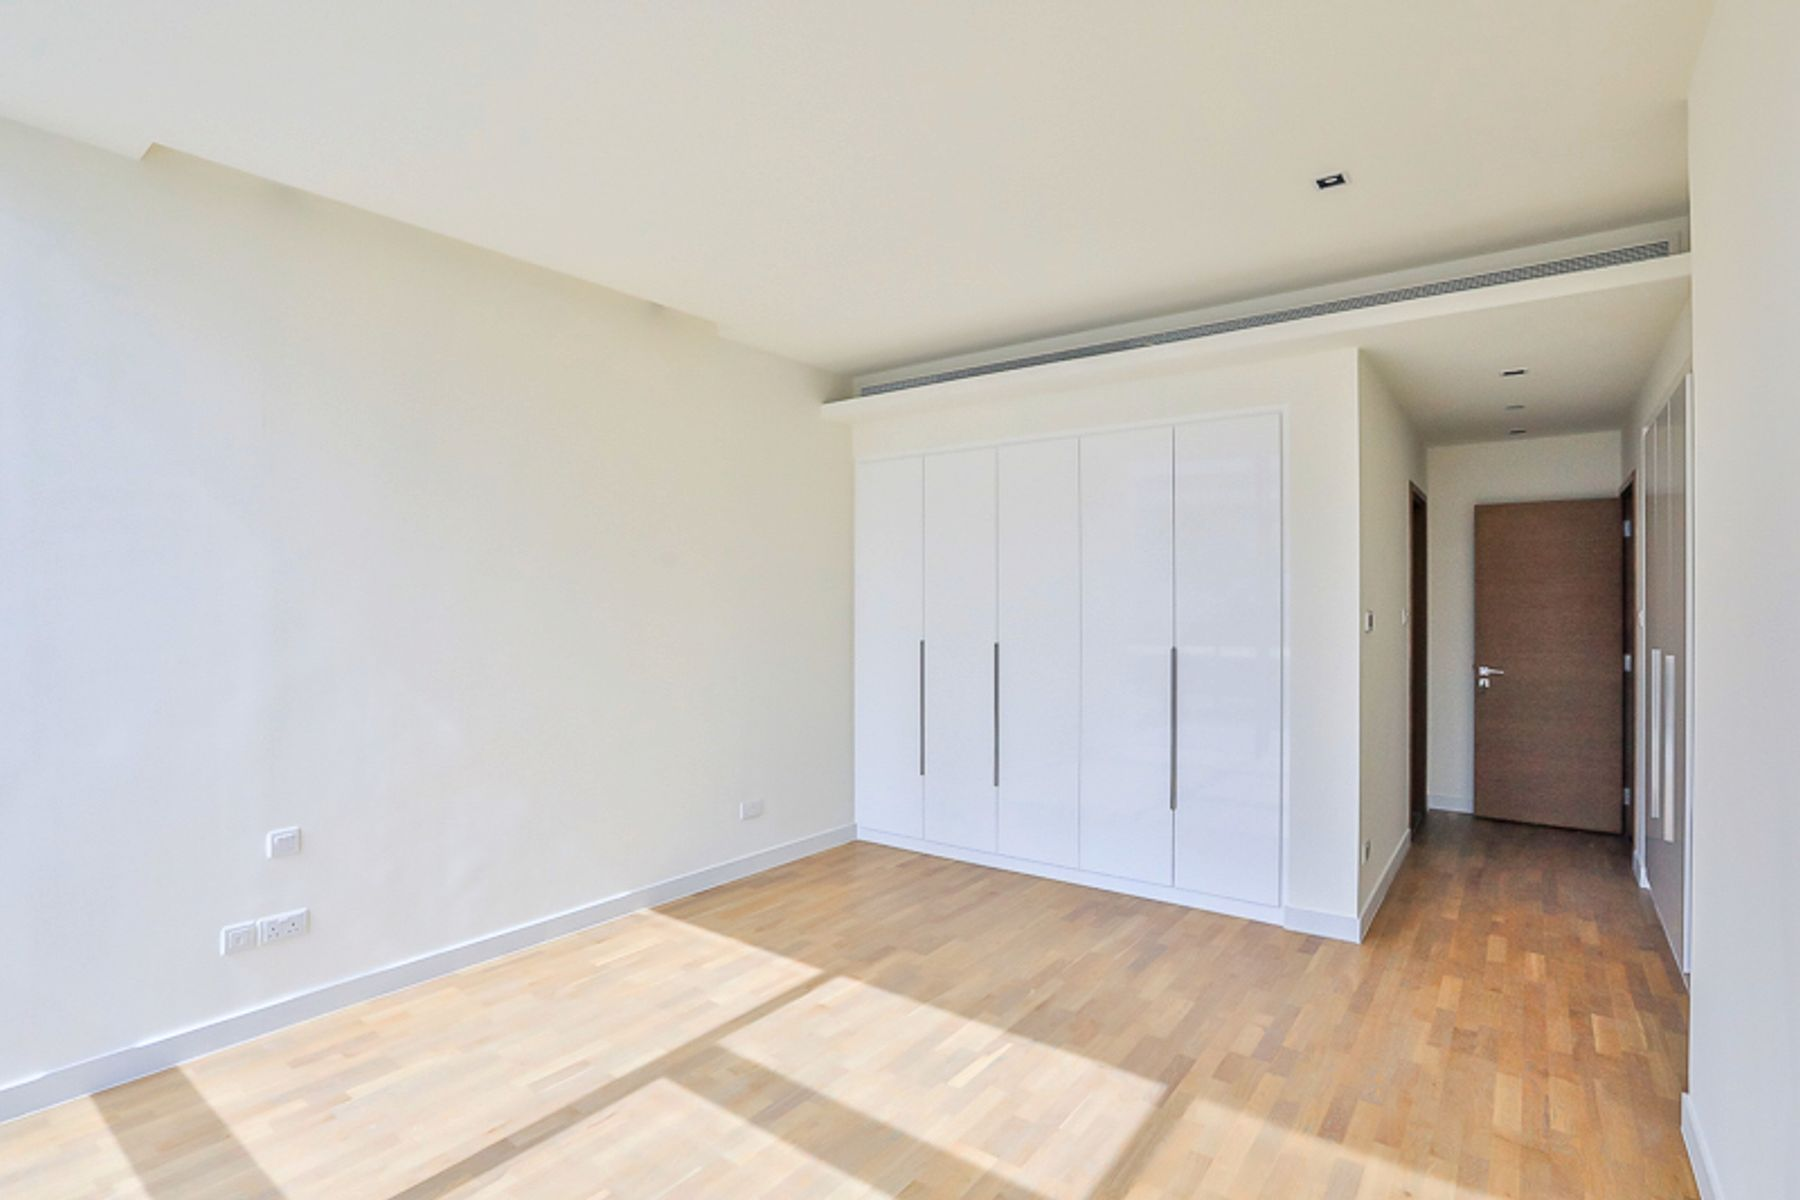 للبيع - شقة - 22 بناية - سيتي ووك